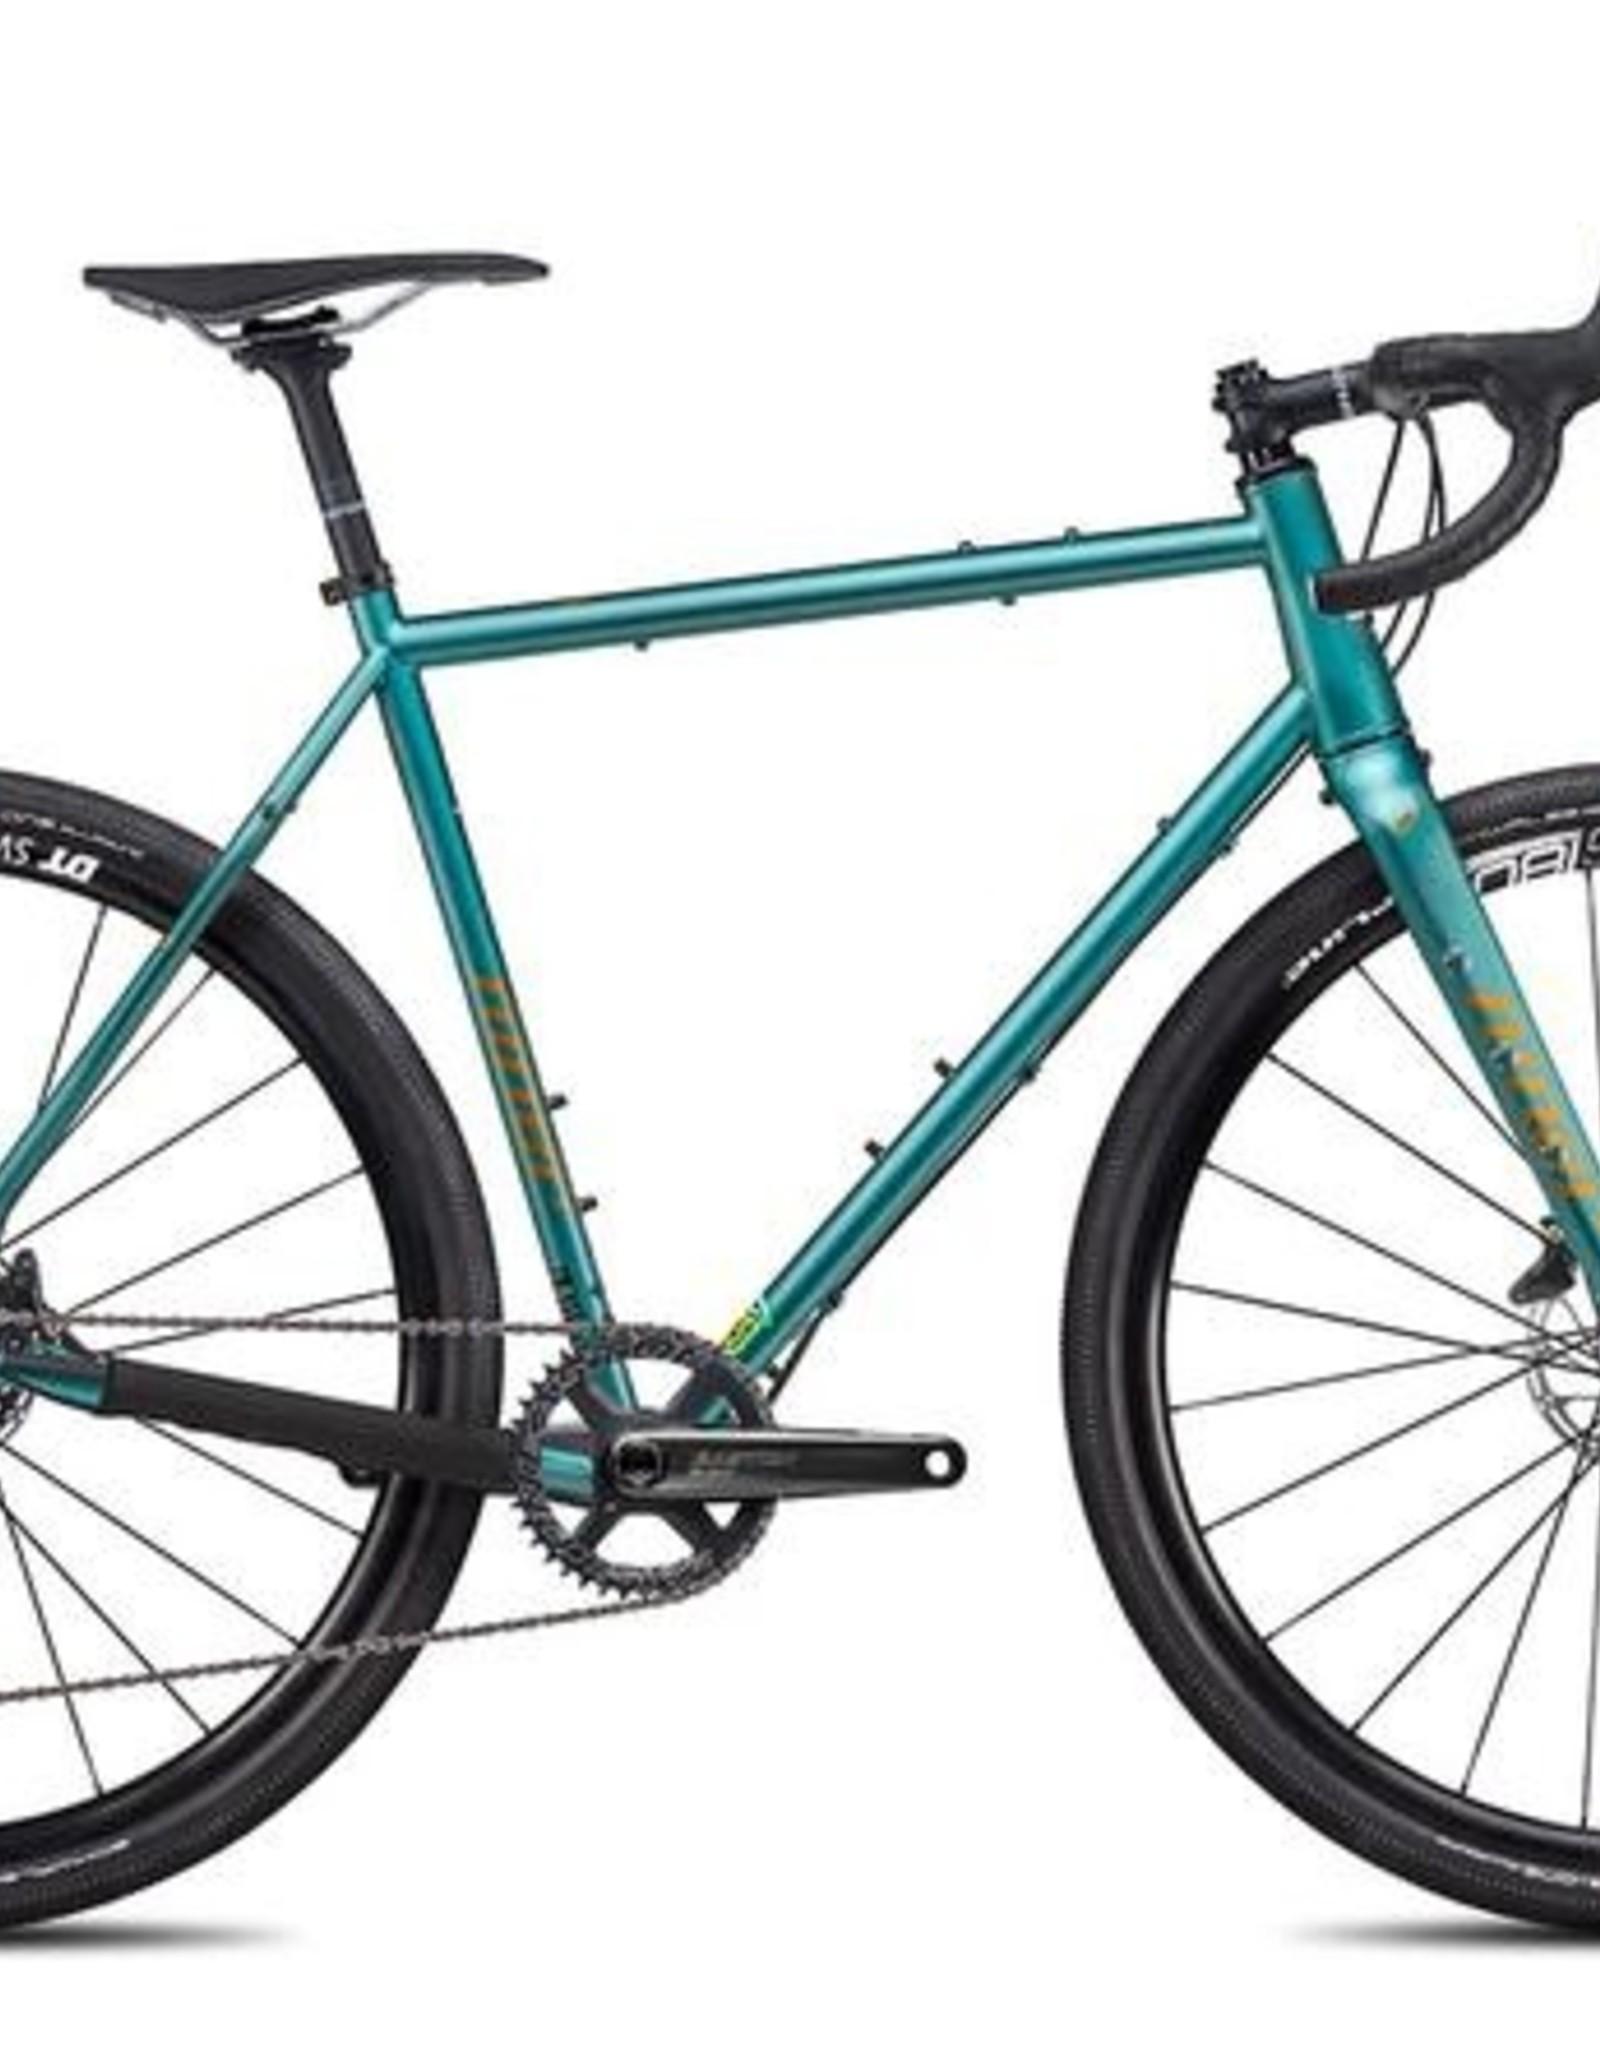 Niner 2021 RLT 9 Steel 3 -Star Gravel Bike